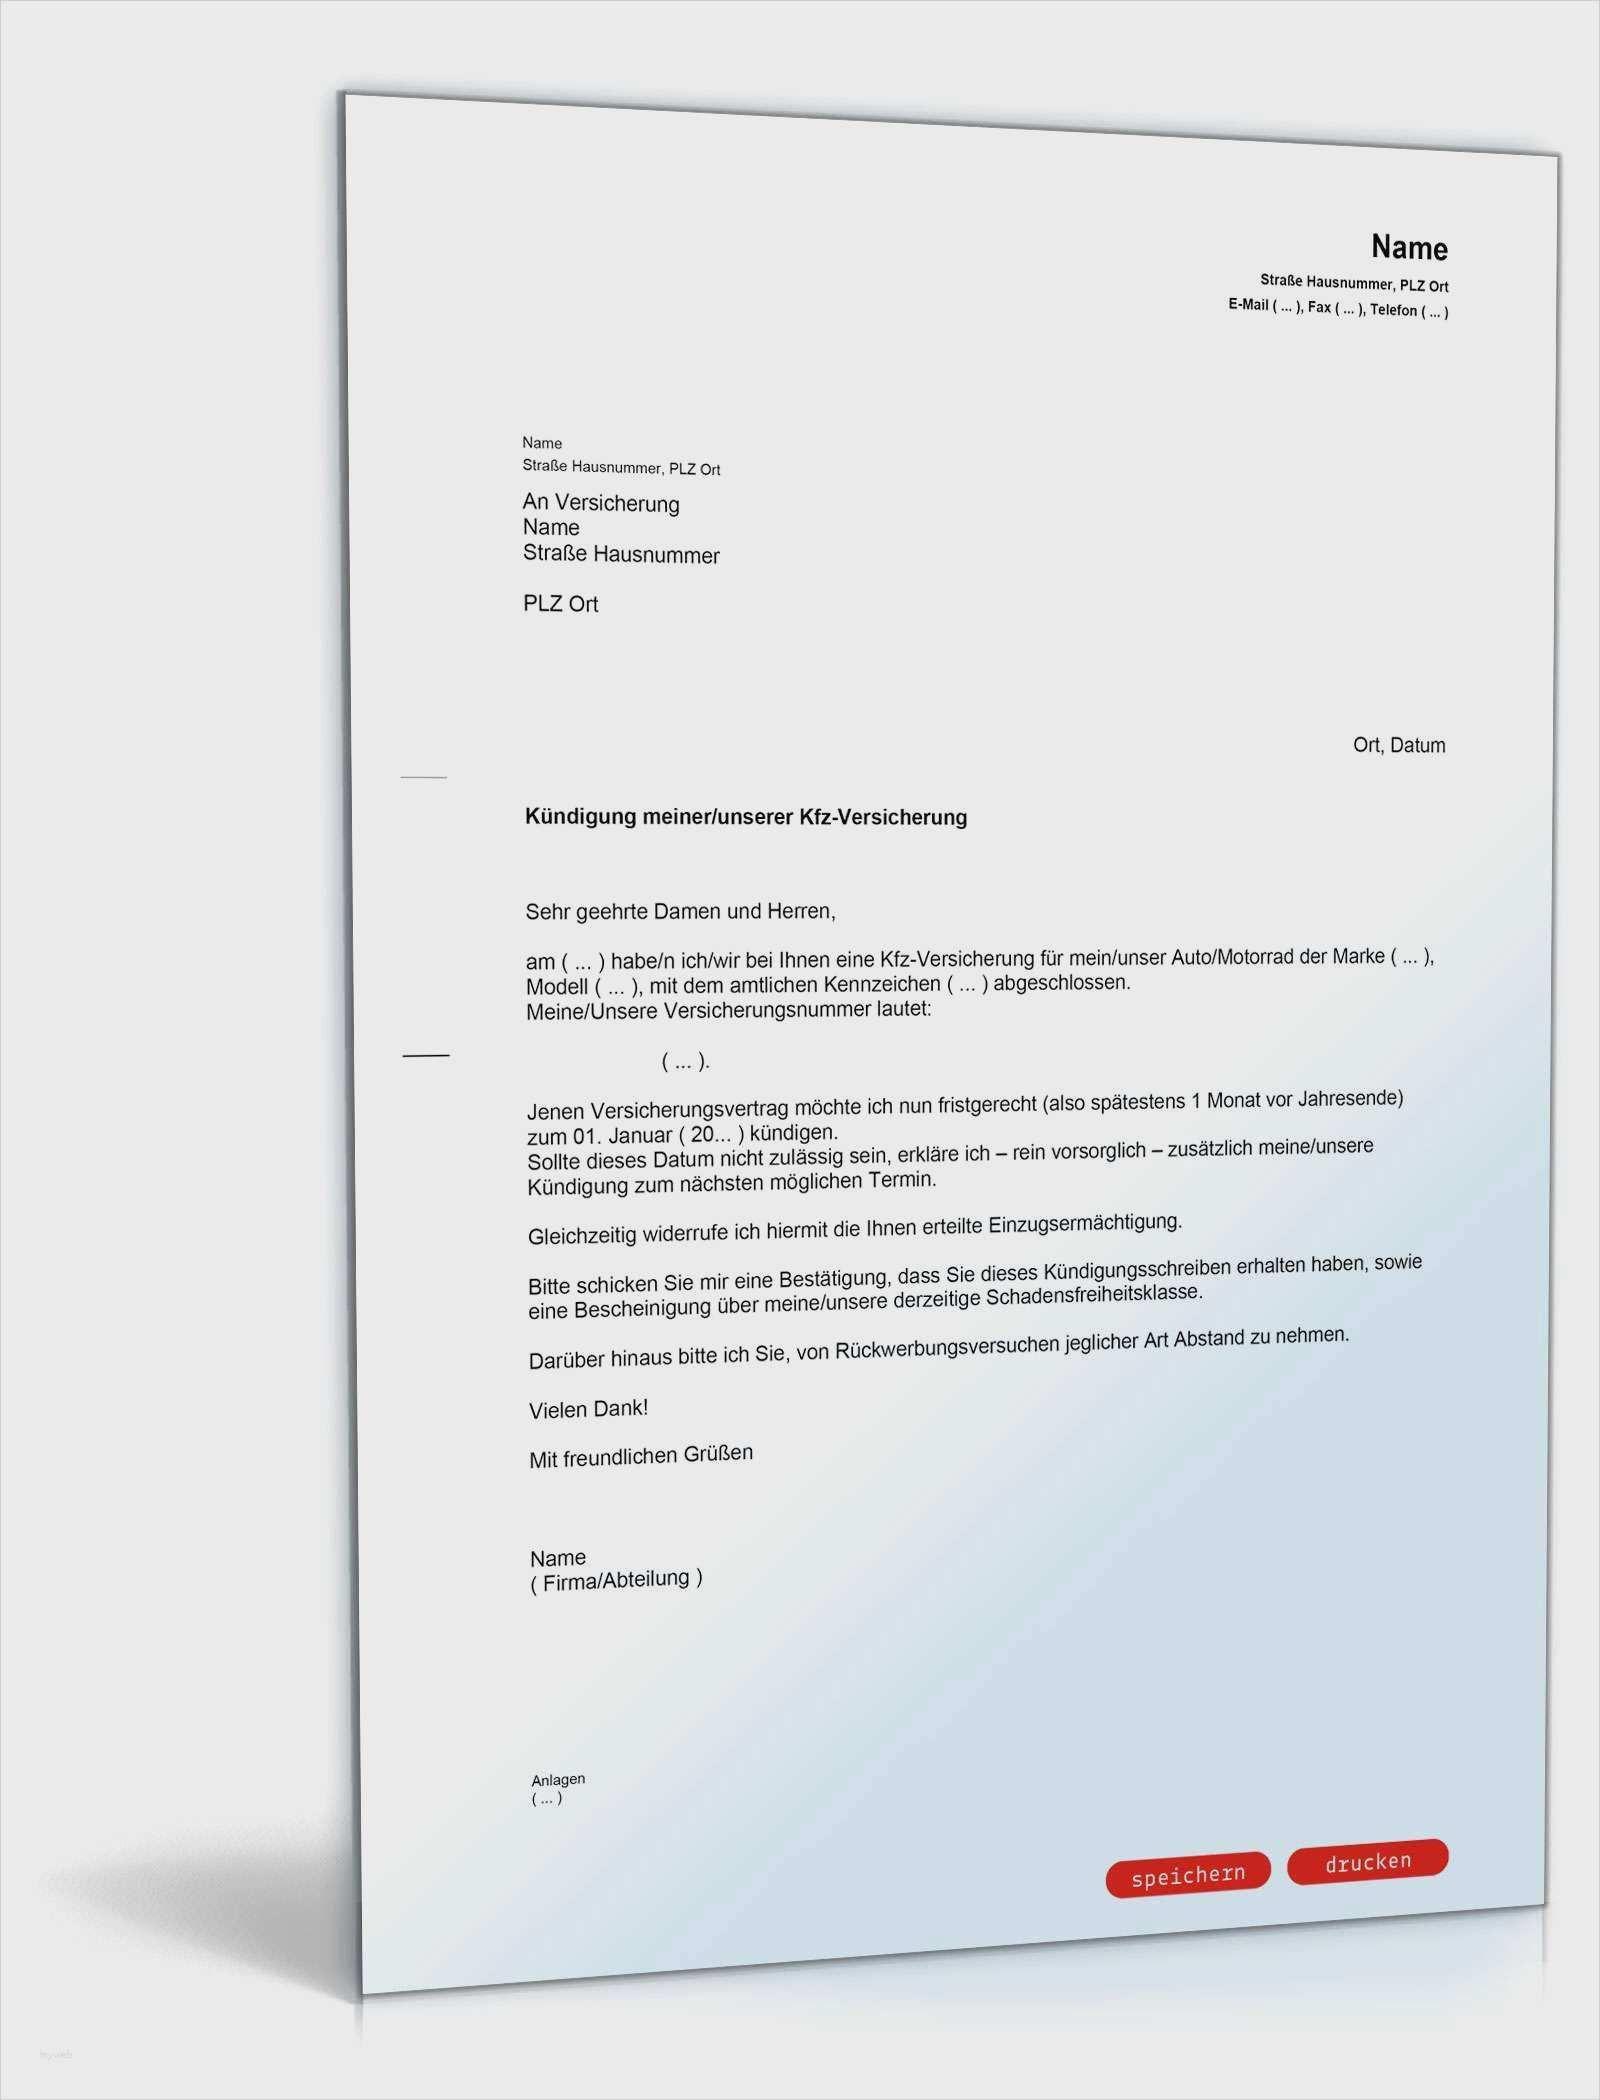 21 Luxus Nutzungsvertrag Kfz Vorlage Solche Konnen Anpassen In Microsoft Word In 2020 Lebenslauf Briefkopf Vorlage Vorlagen